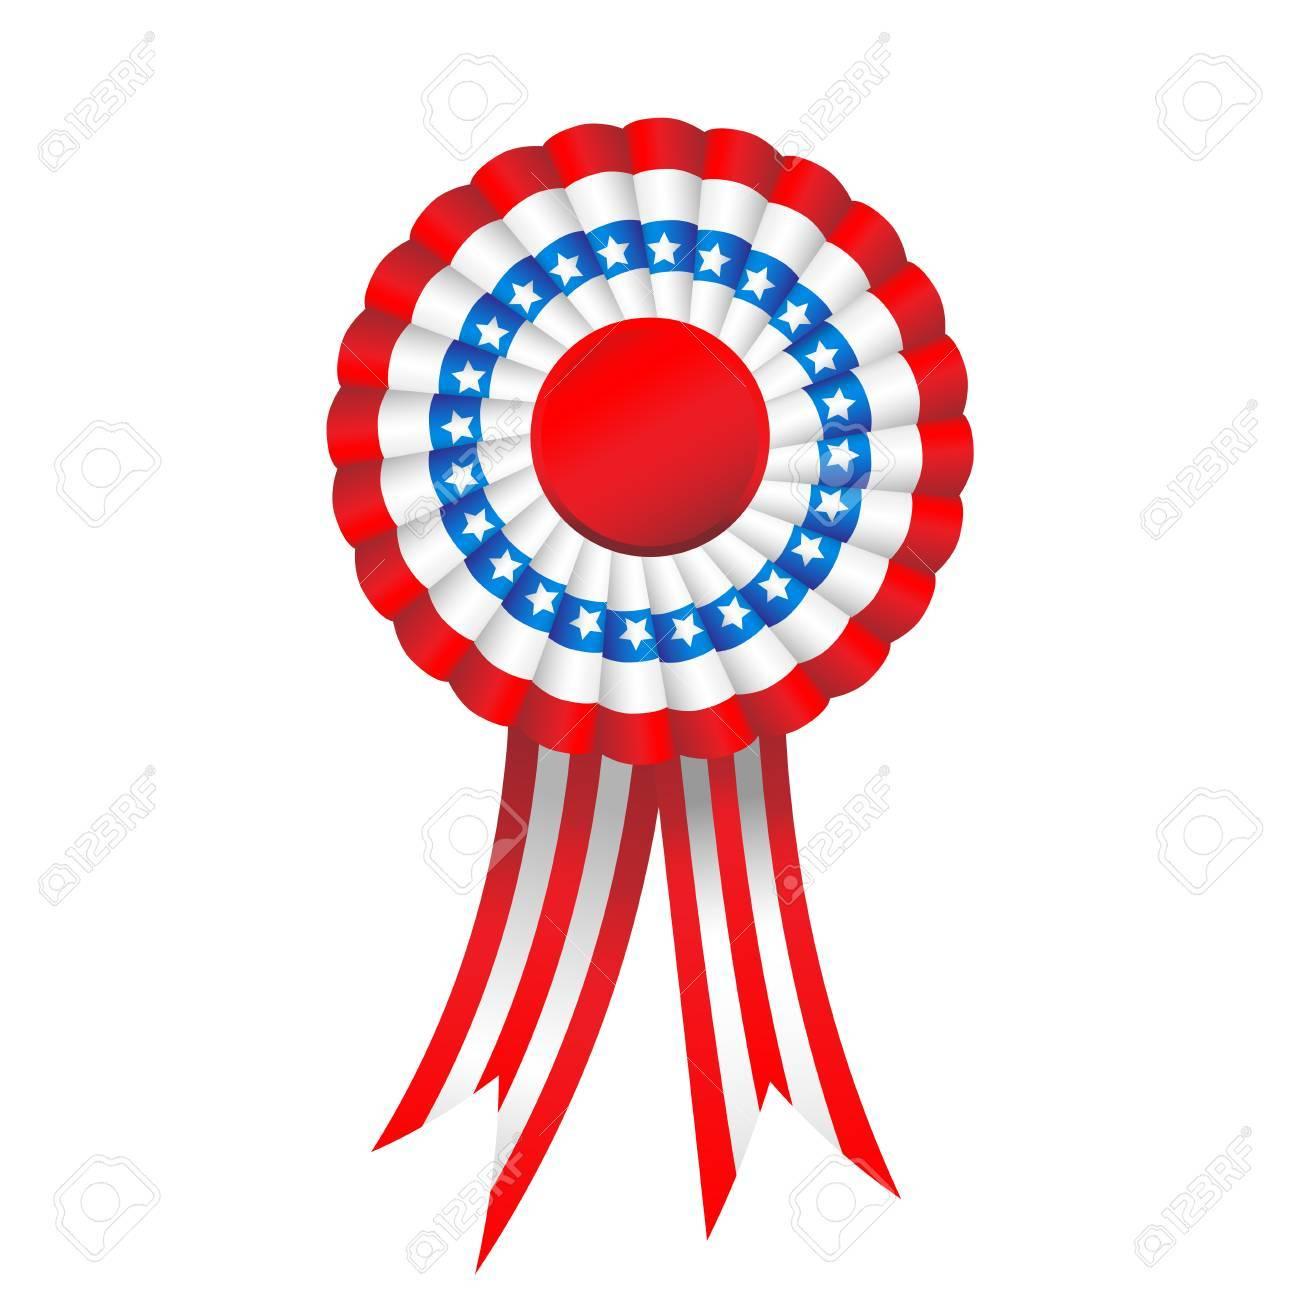 Holiday badge isolated on white background - 41736388